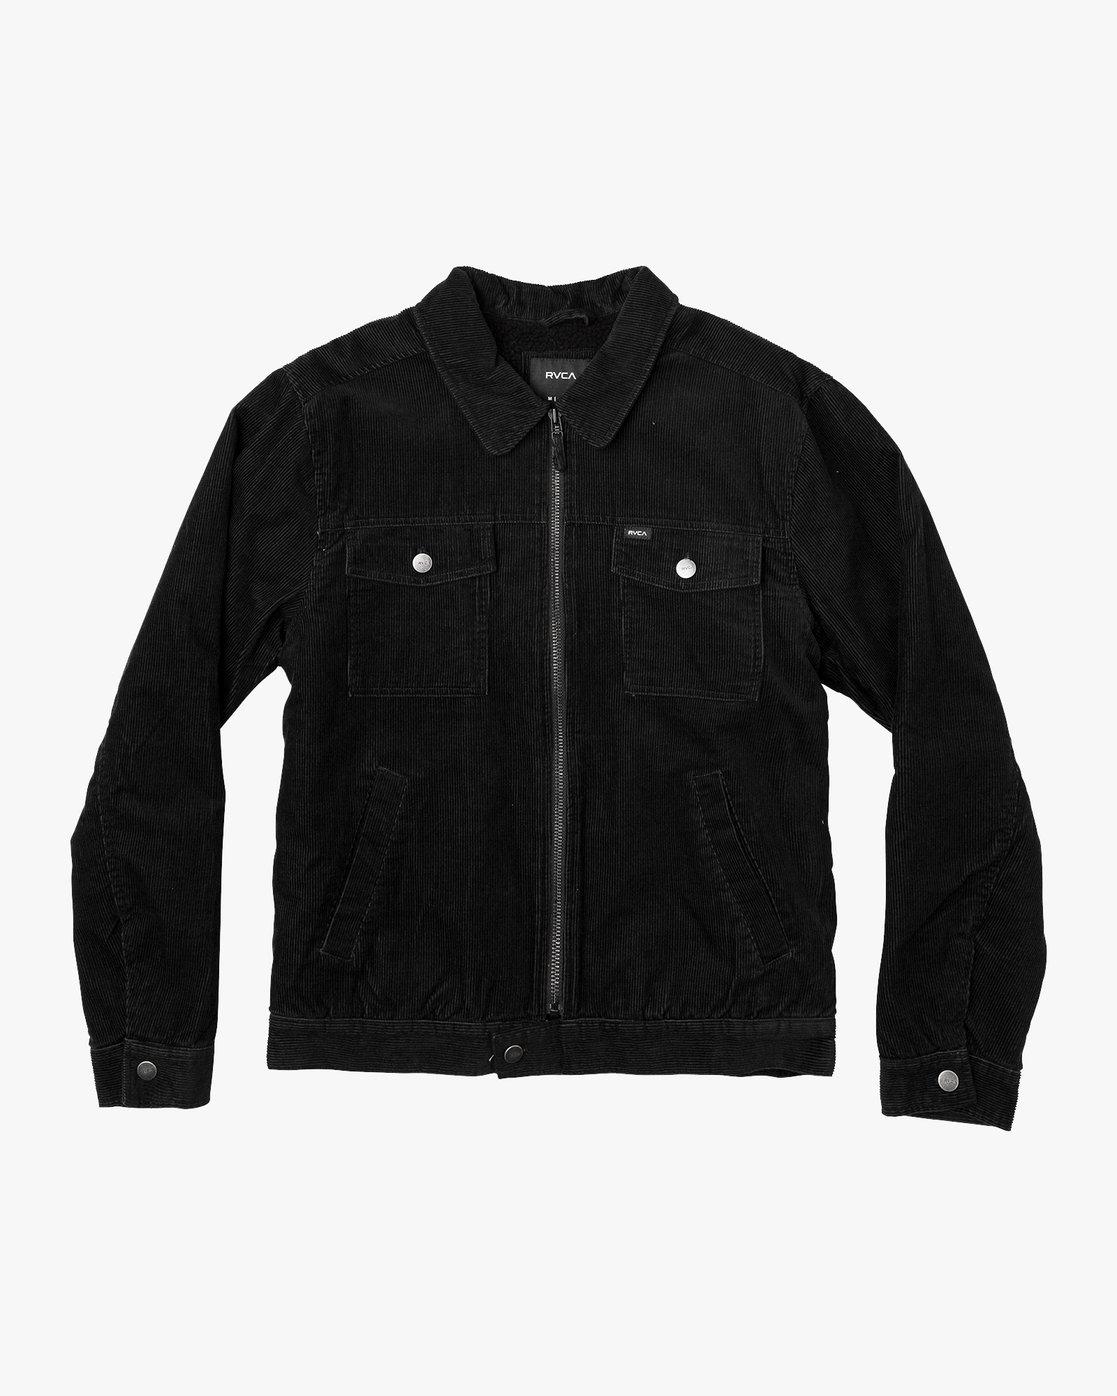 0 Easy Trucker  - Corduroy Sherpa Jacket Black Q1JKRJRVF9 RVCA